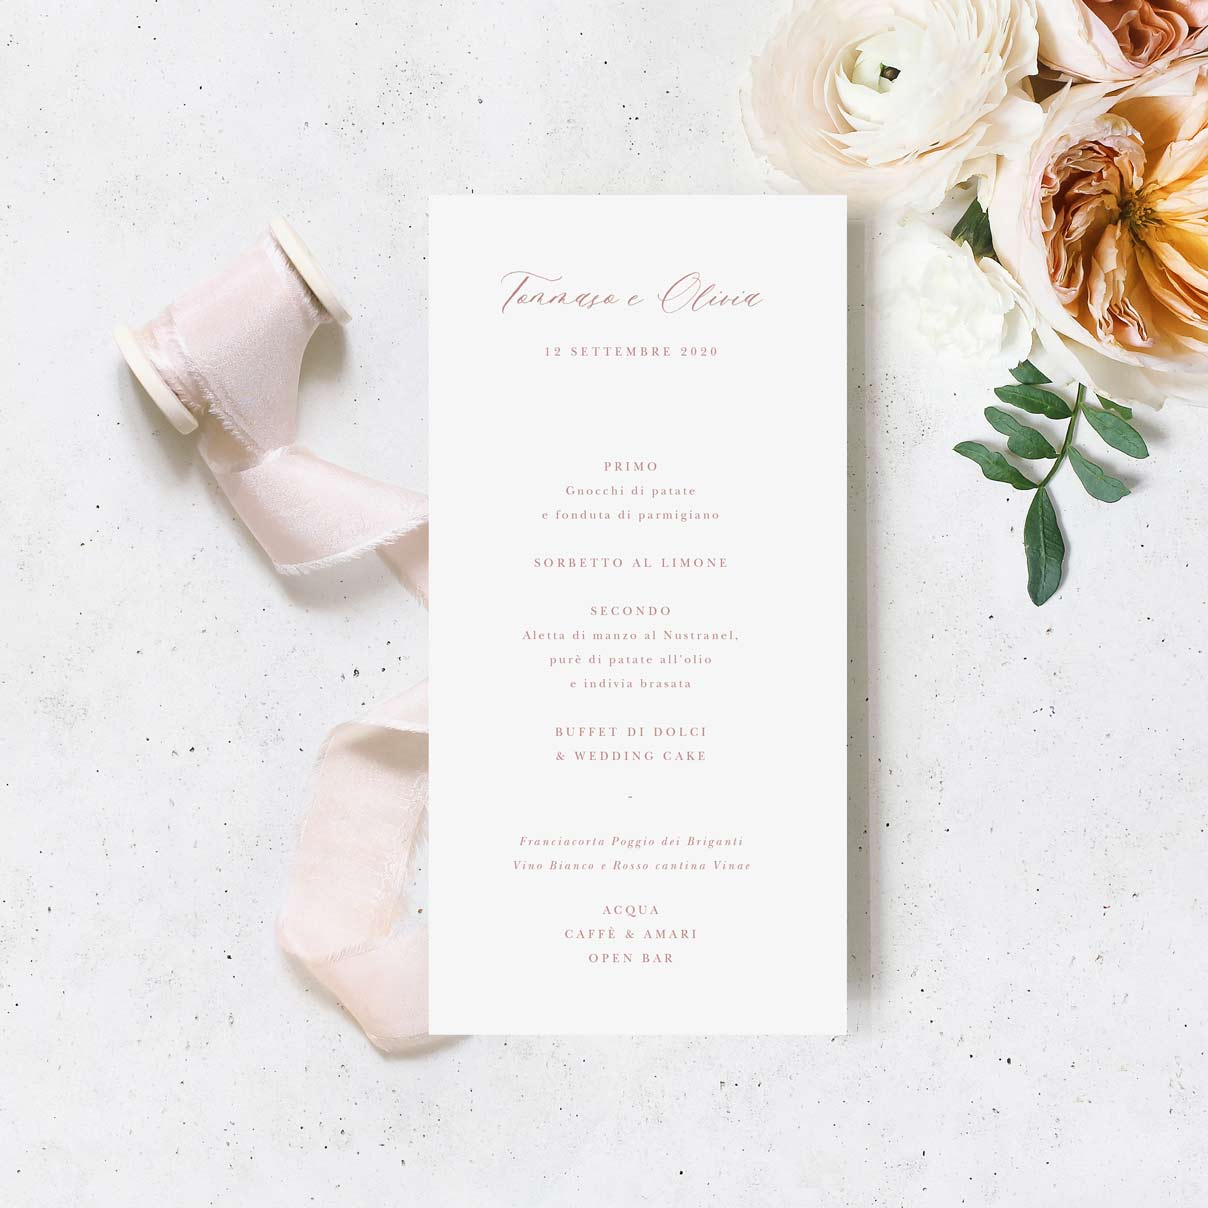 Menu-personalizzato-2020-idea-originale-inviti-partecipazioni-matrimonio-nozze-wedding